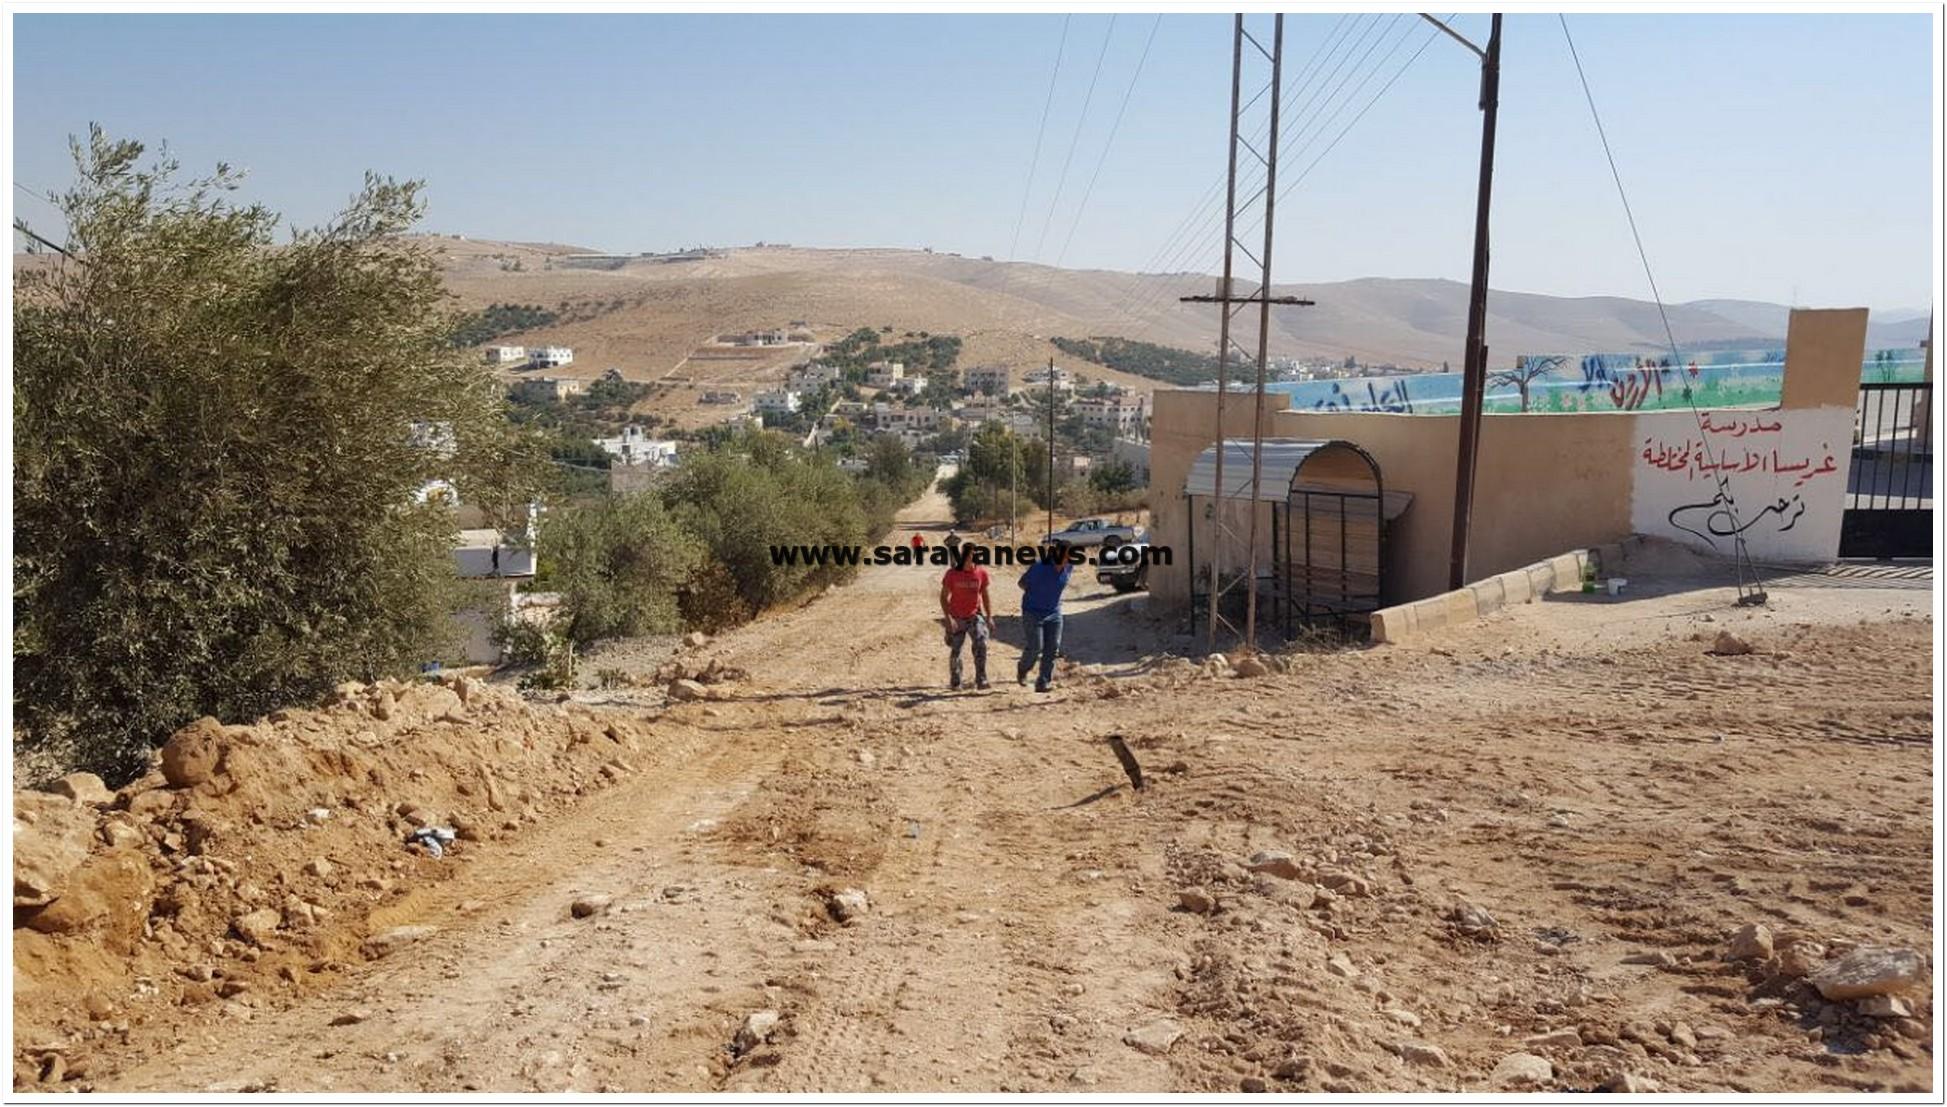 """الزرقاء : أهالي غريسا لسرايا : شجر زيتون مخالف يوقف اكمال شارع بآلاف الدنانير """"صور"""""""